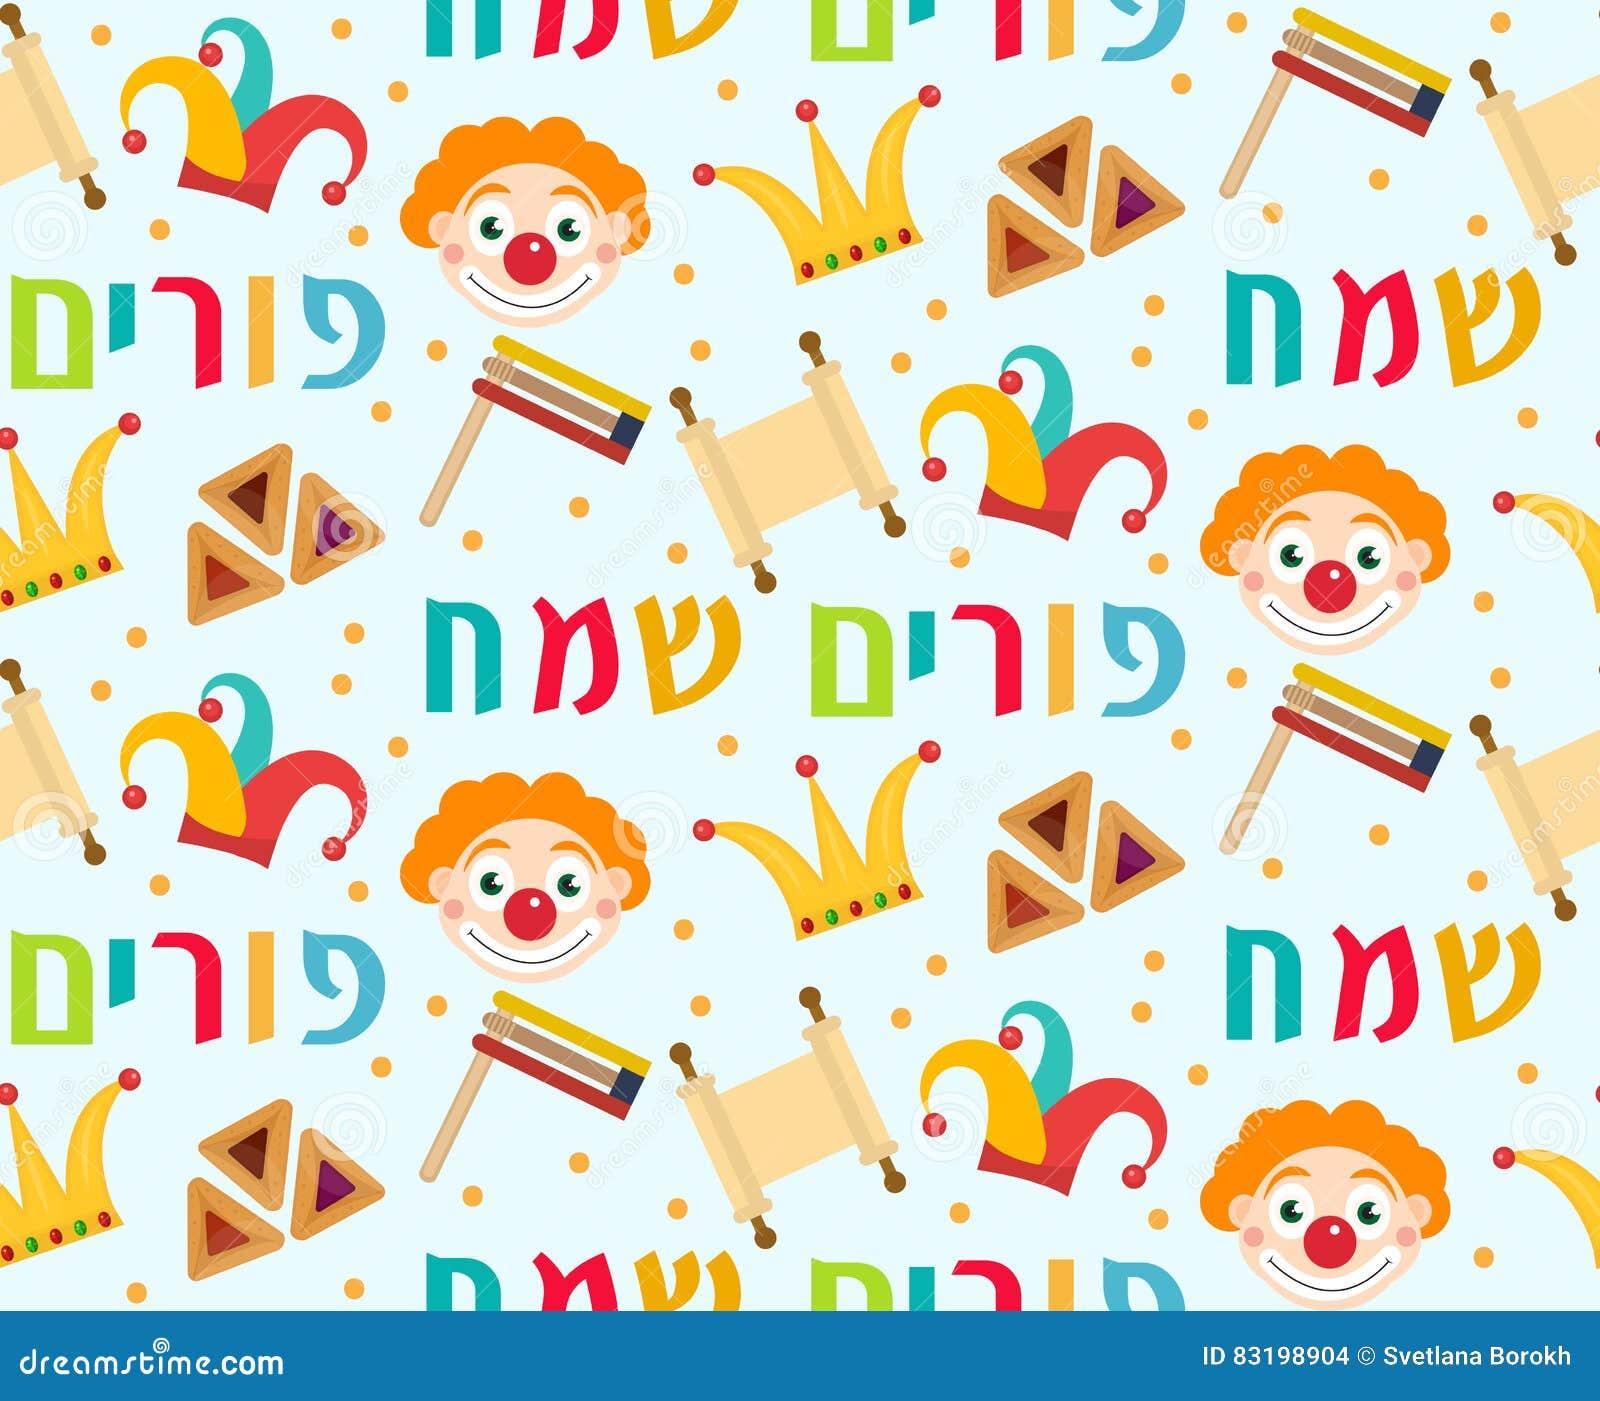 Картина Purim безшовная с элементами масленицы Счастливый еврейский фестиваль, бесконечная предпосылка, текстура, обои вектор